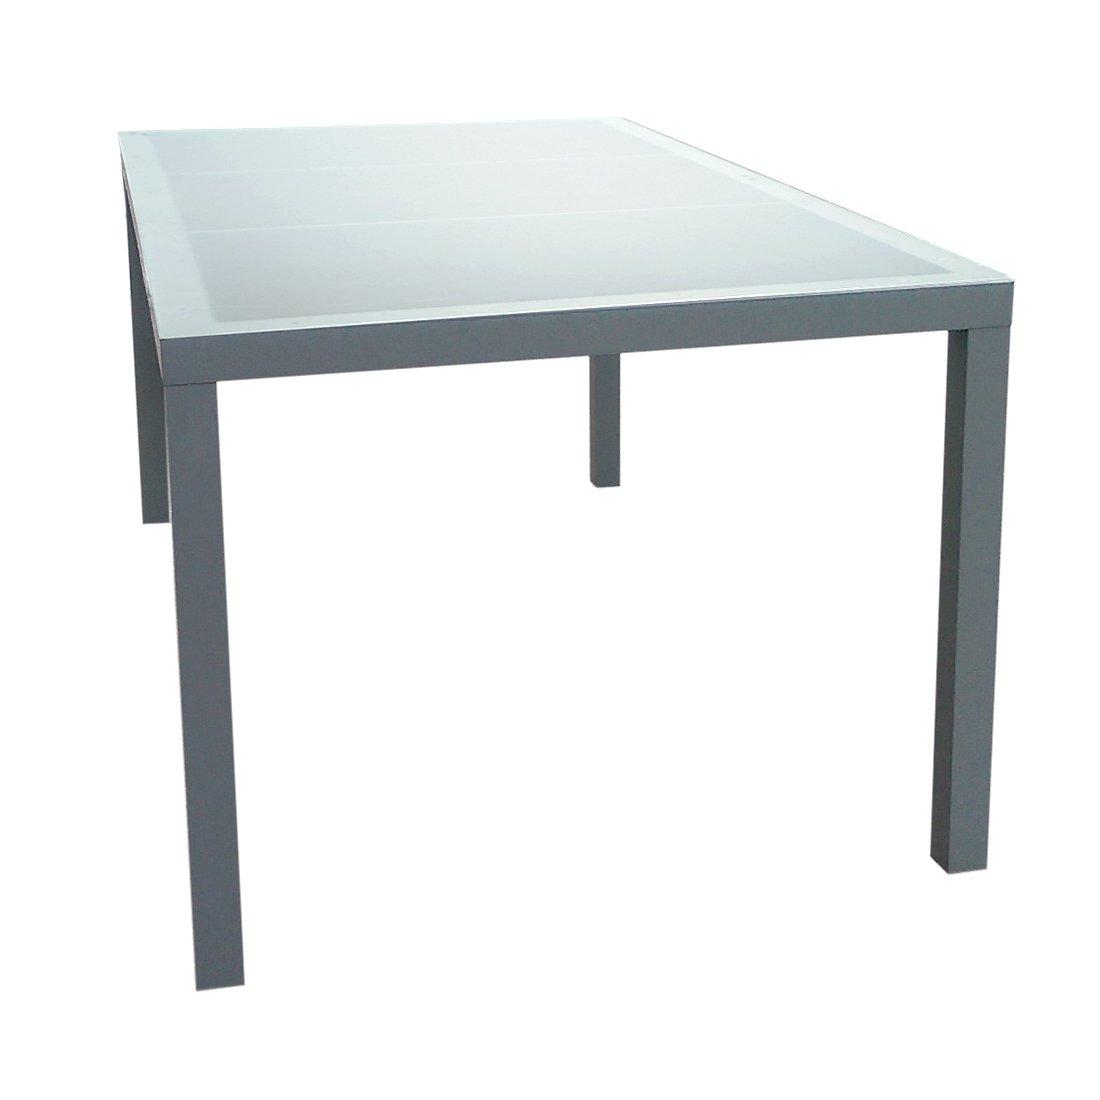 Gartenfreude Aluminium Tisch mit Glasplatte 160 x 90 x 72 cm, 1 Stück, 2700-1013 kaufen